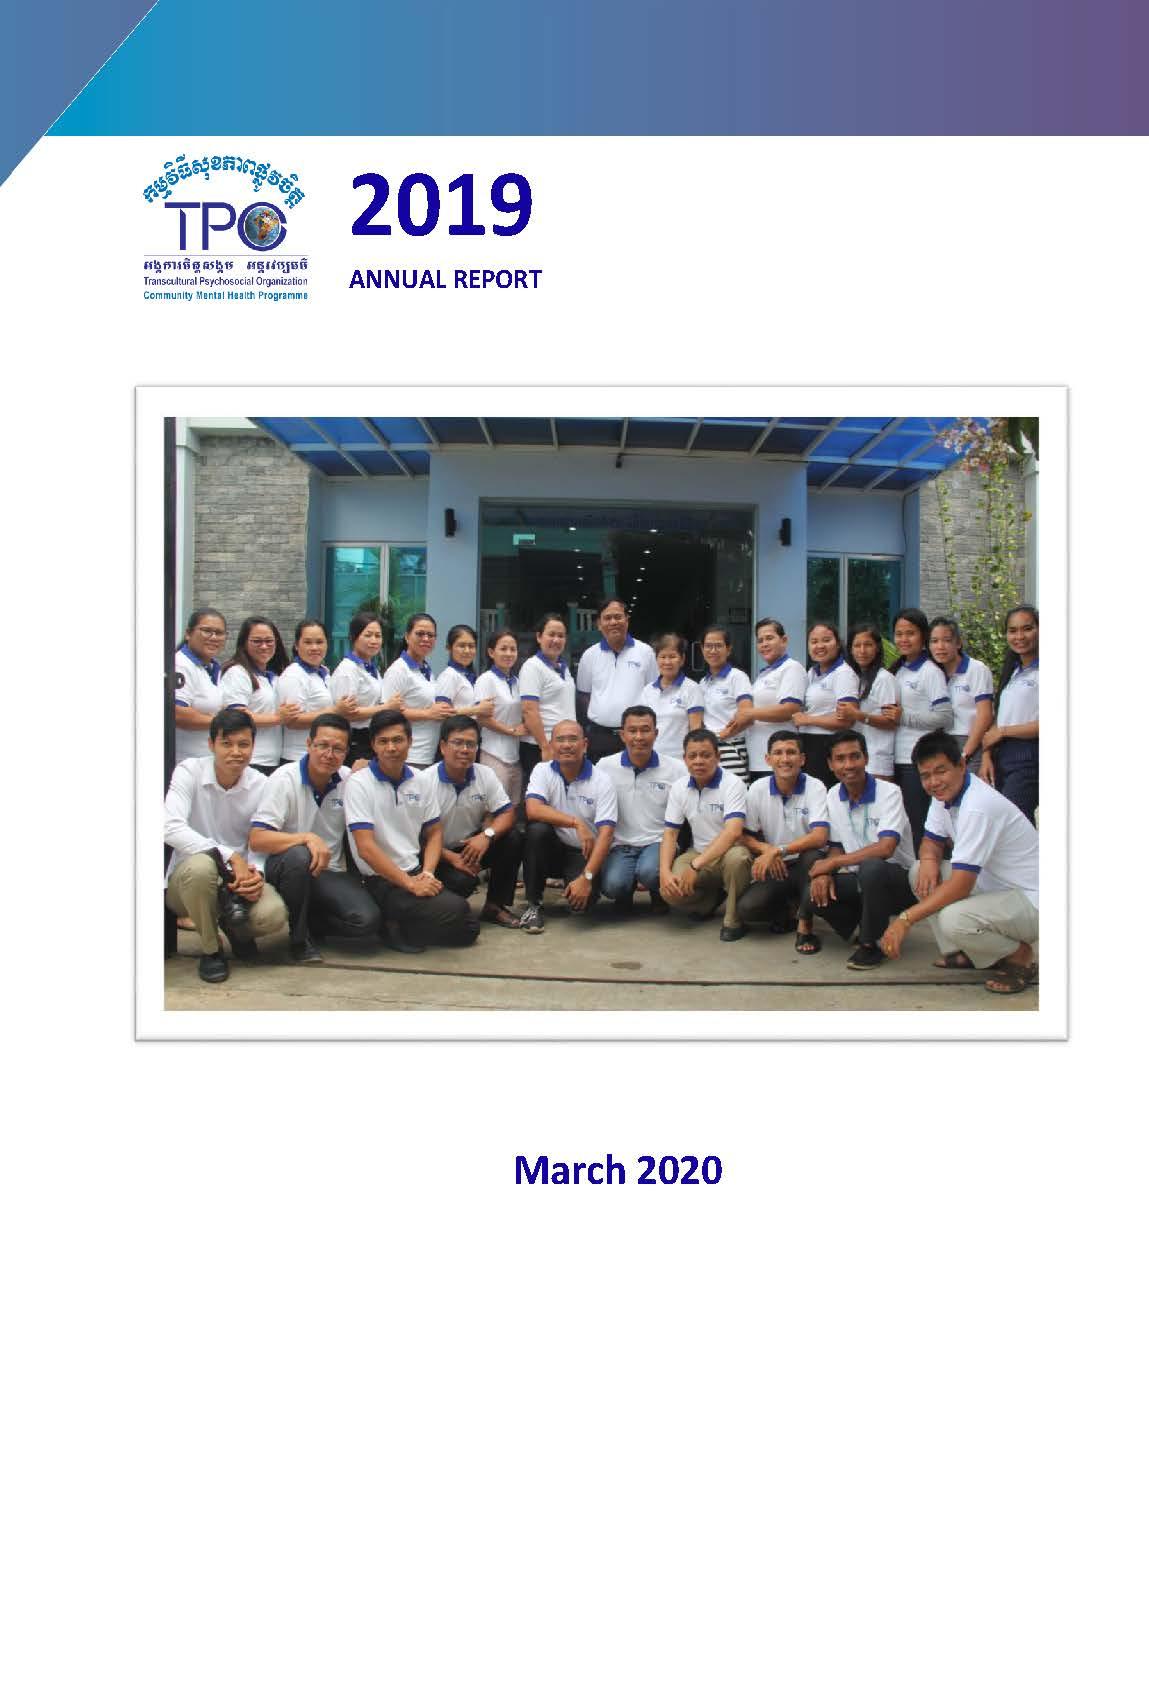 TPO Annual Report 2019